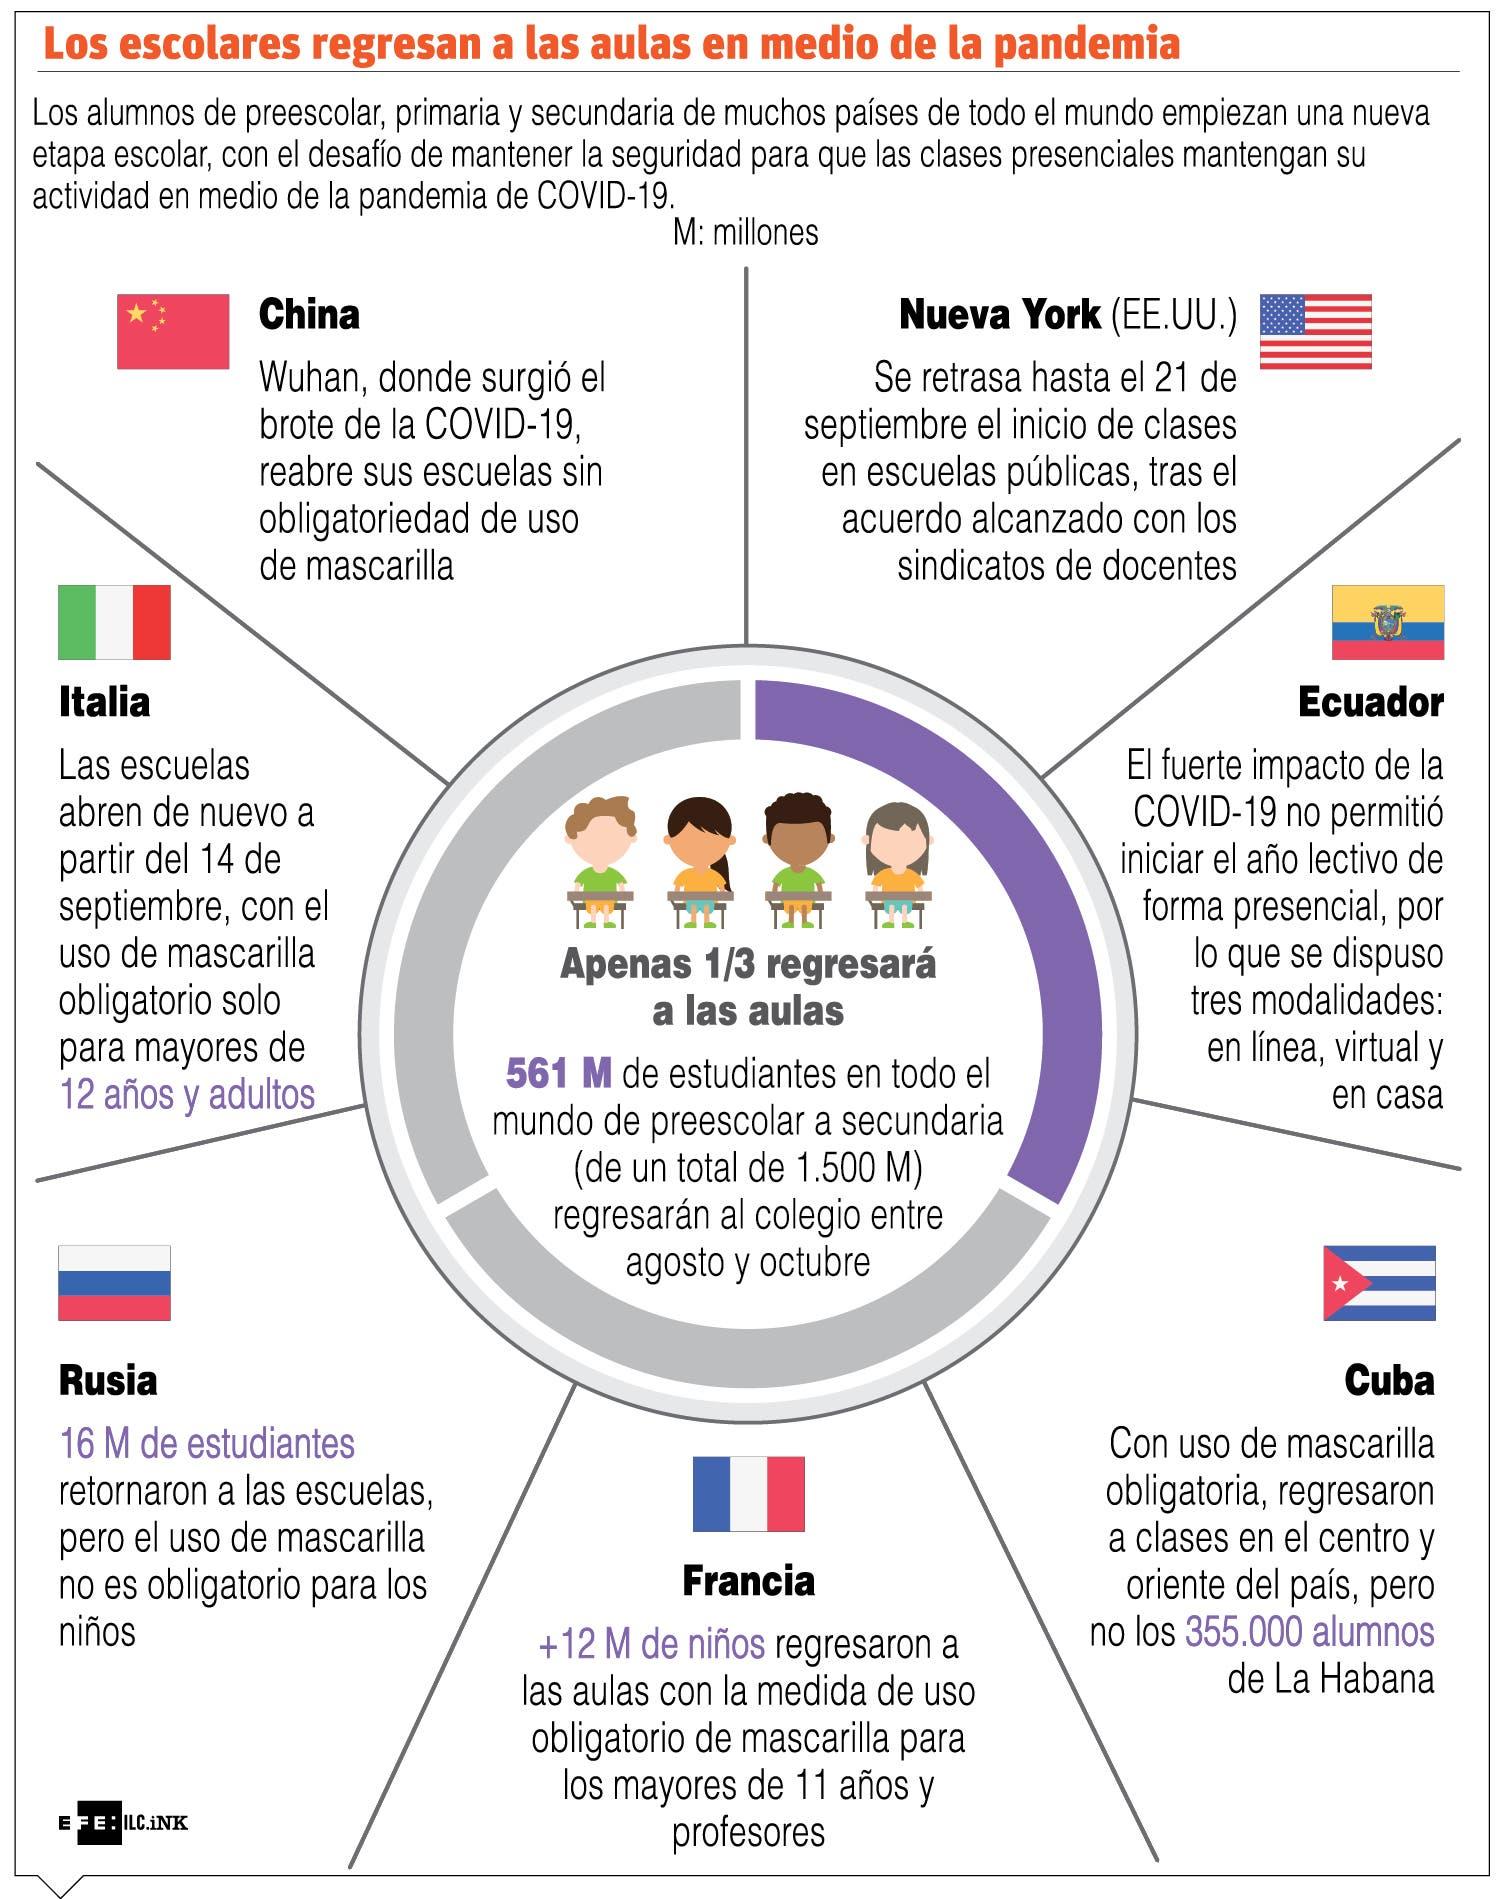 ¡Vacuna china en Lima! Llegan expertos de país asiático para ensayos clínicos